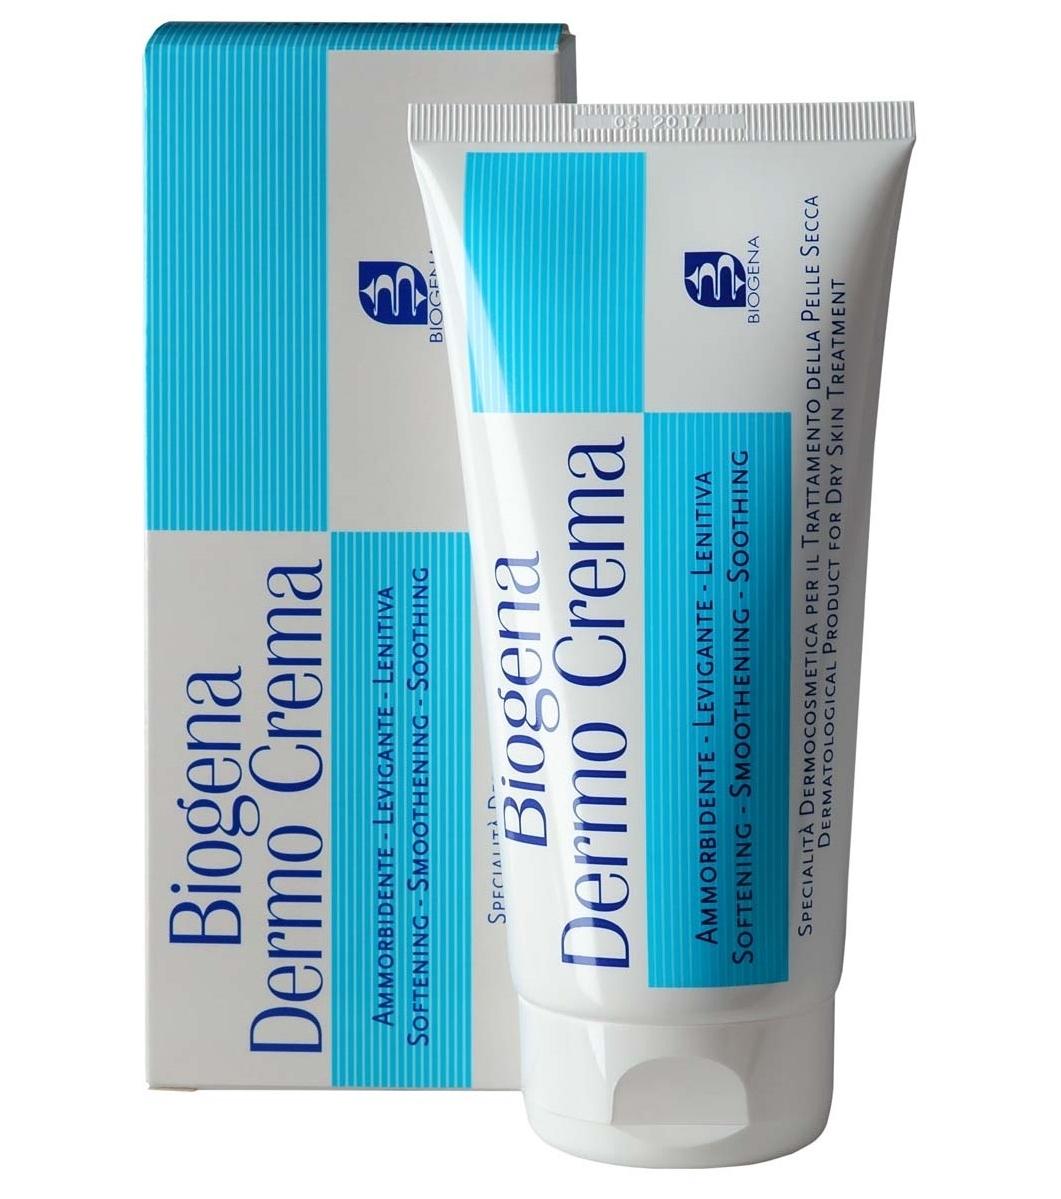 Histomer Питательный дермо-крем Биоджена для тела Biogena Dermo Crema, 200 мл onykoleine dermo adjuvant купить в москве